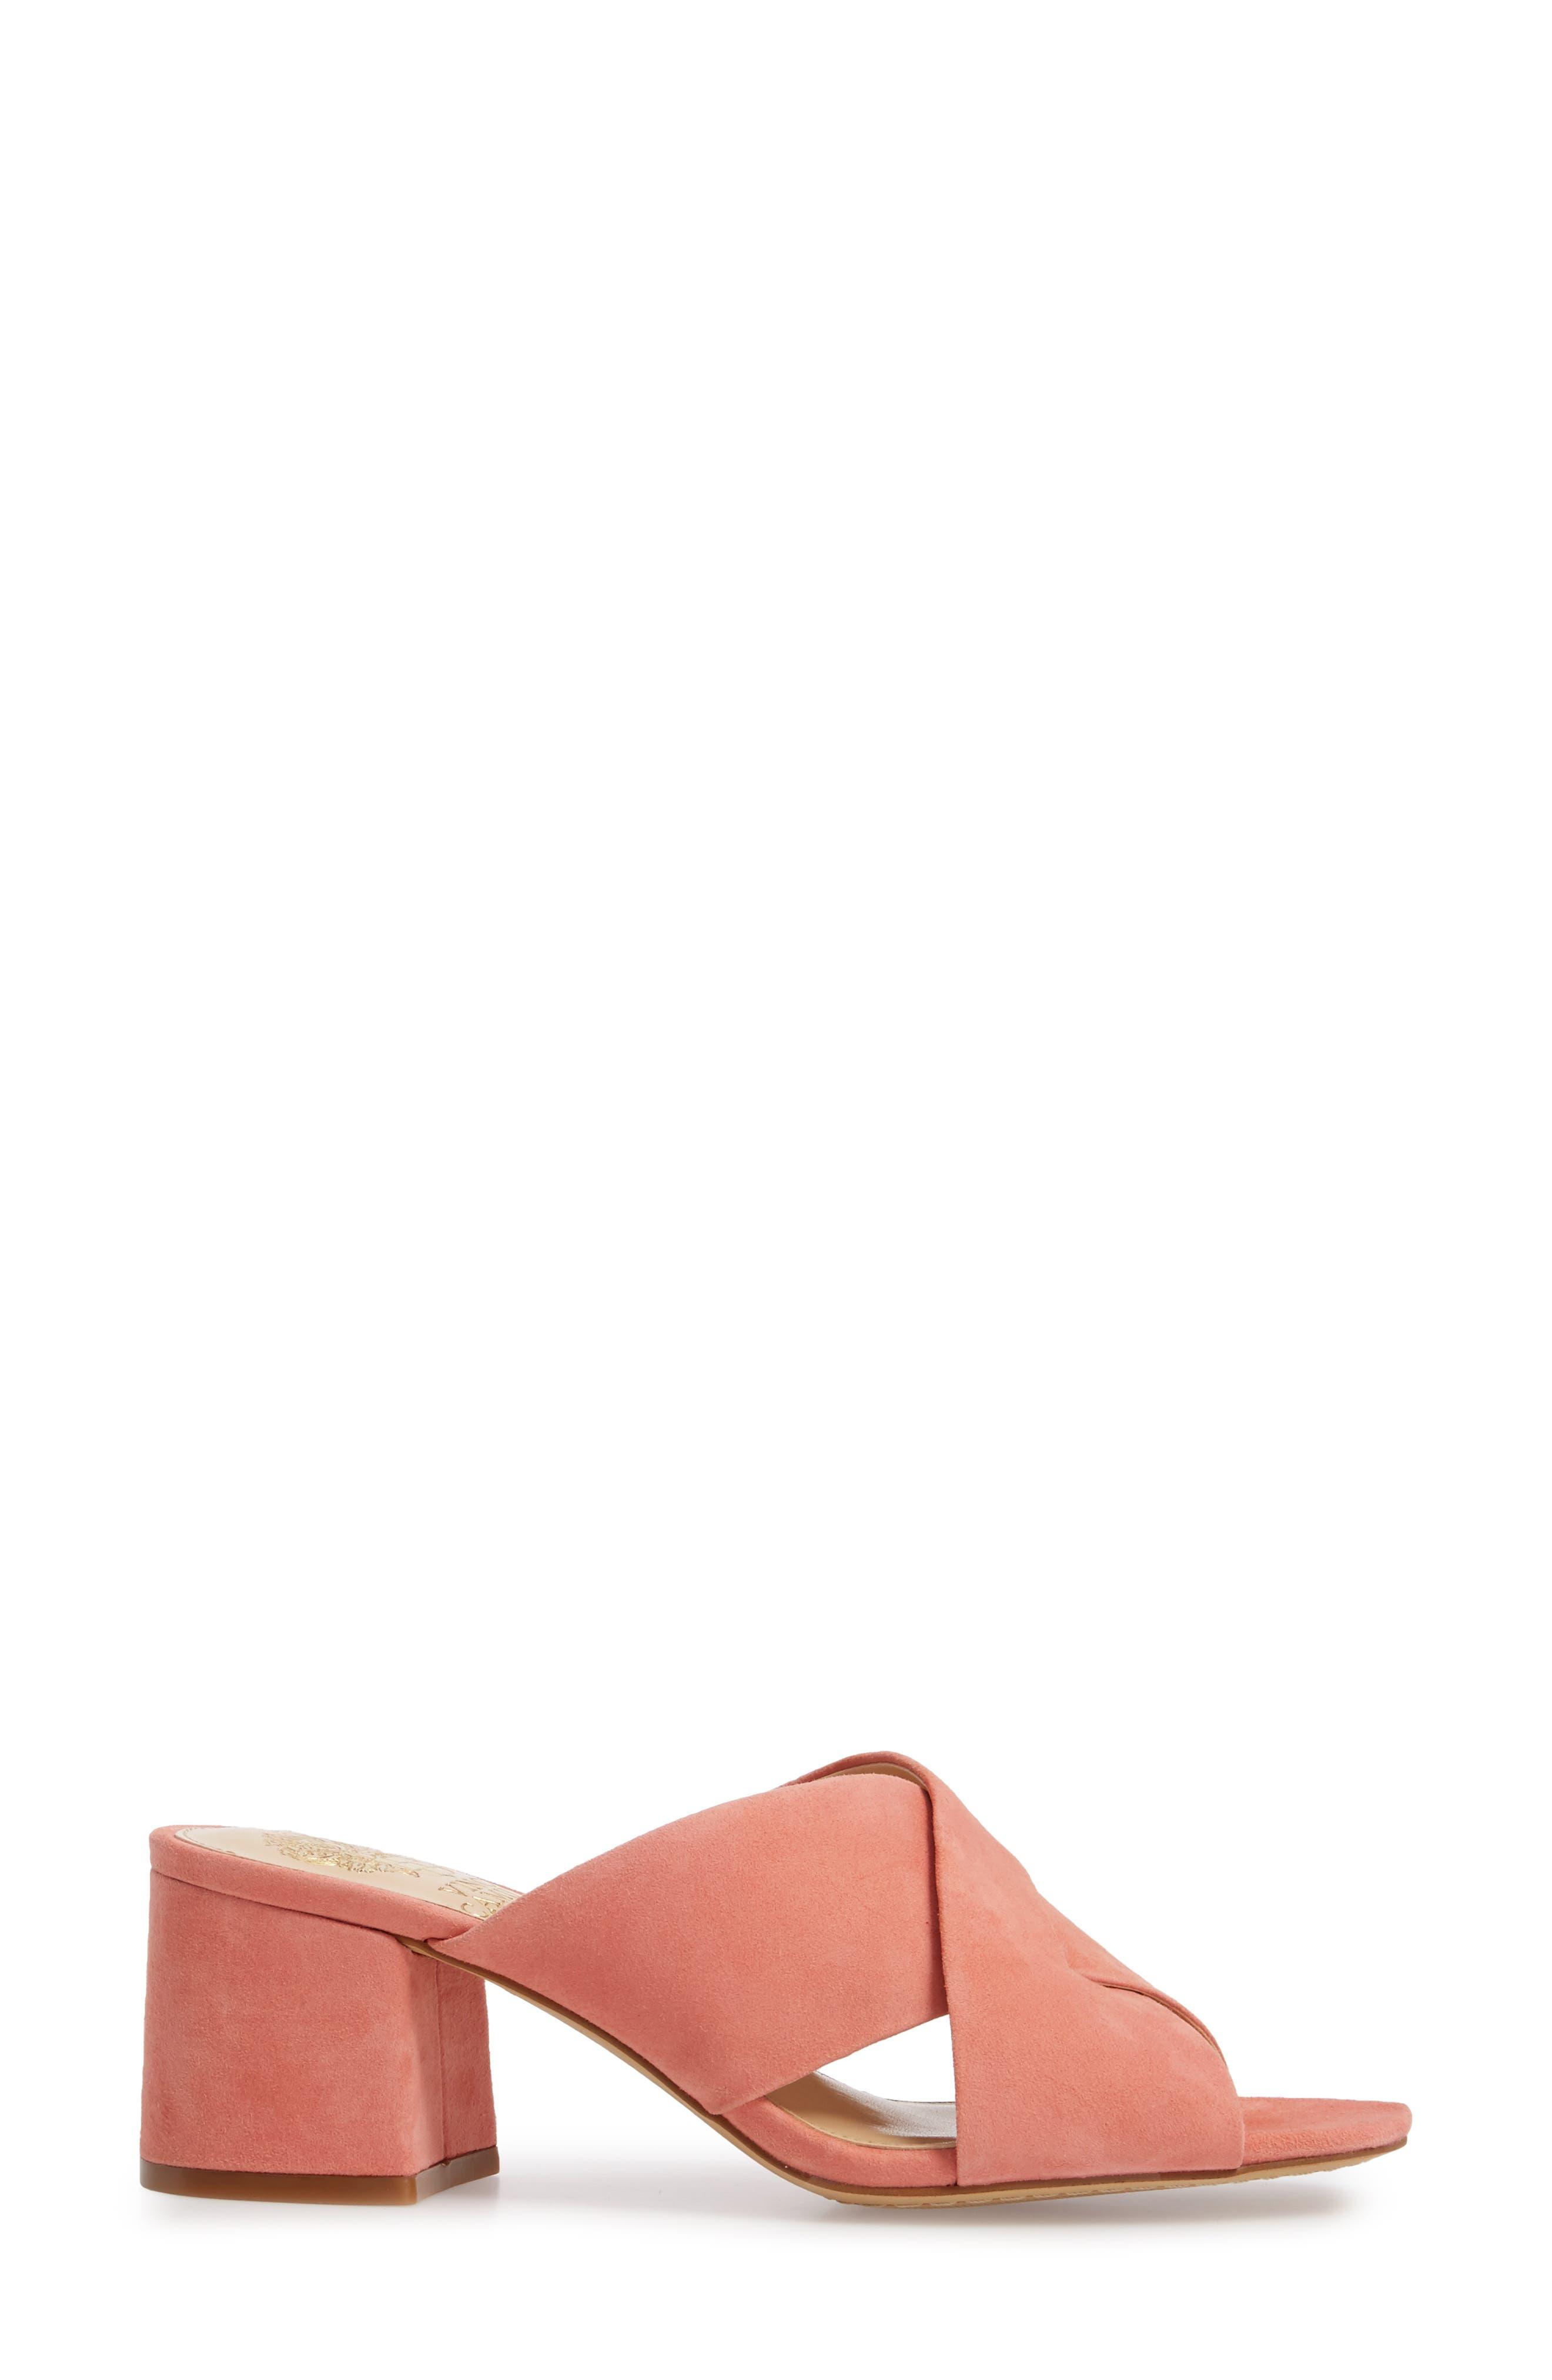 Stania Sandal,                             Alternate thumbnail 3, color,                             Fancy Flamingo Suede